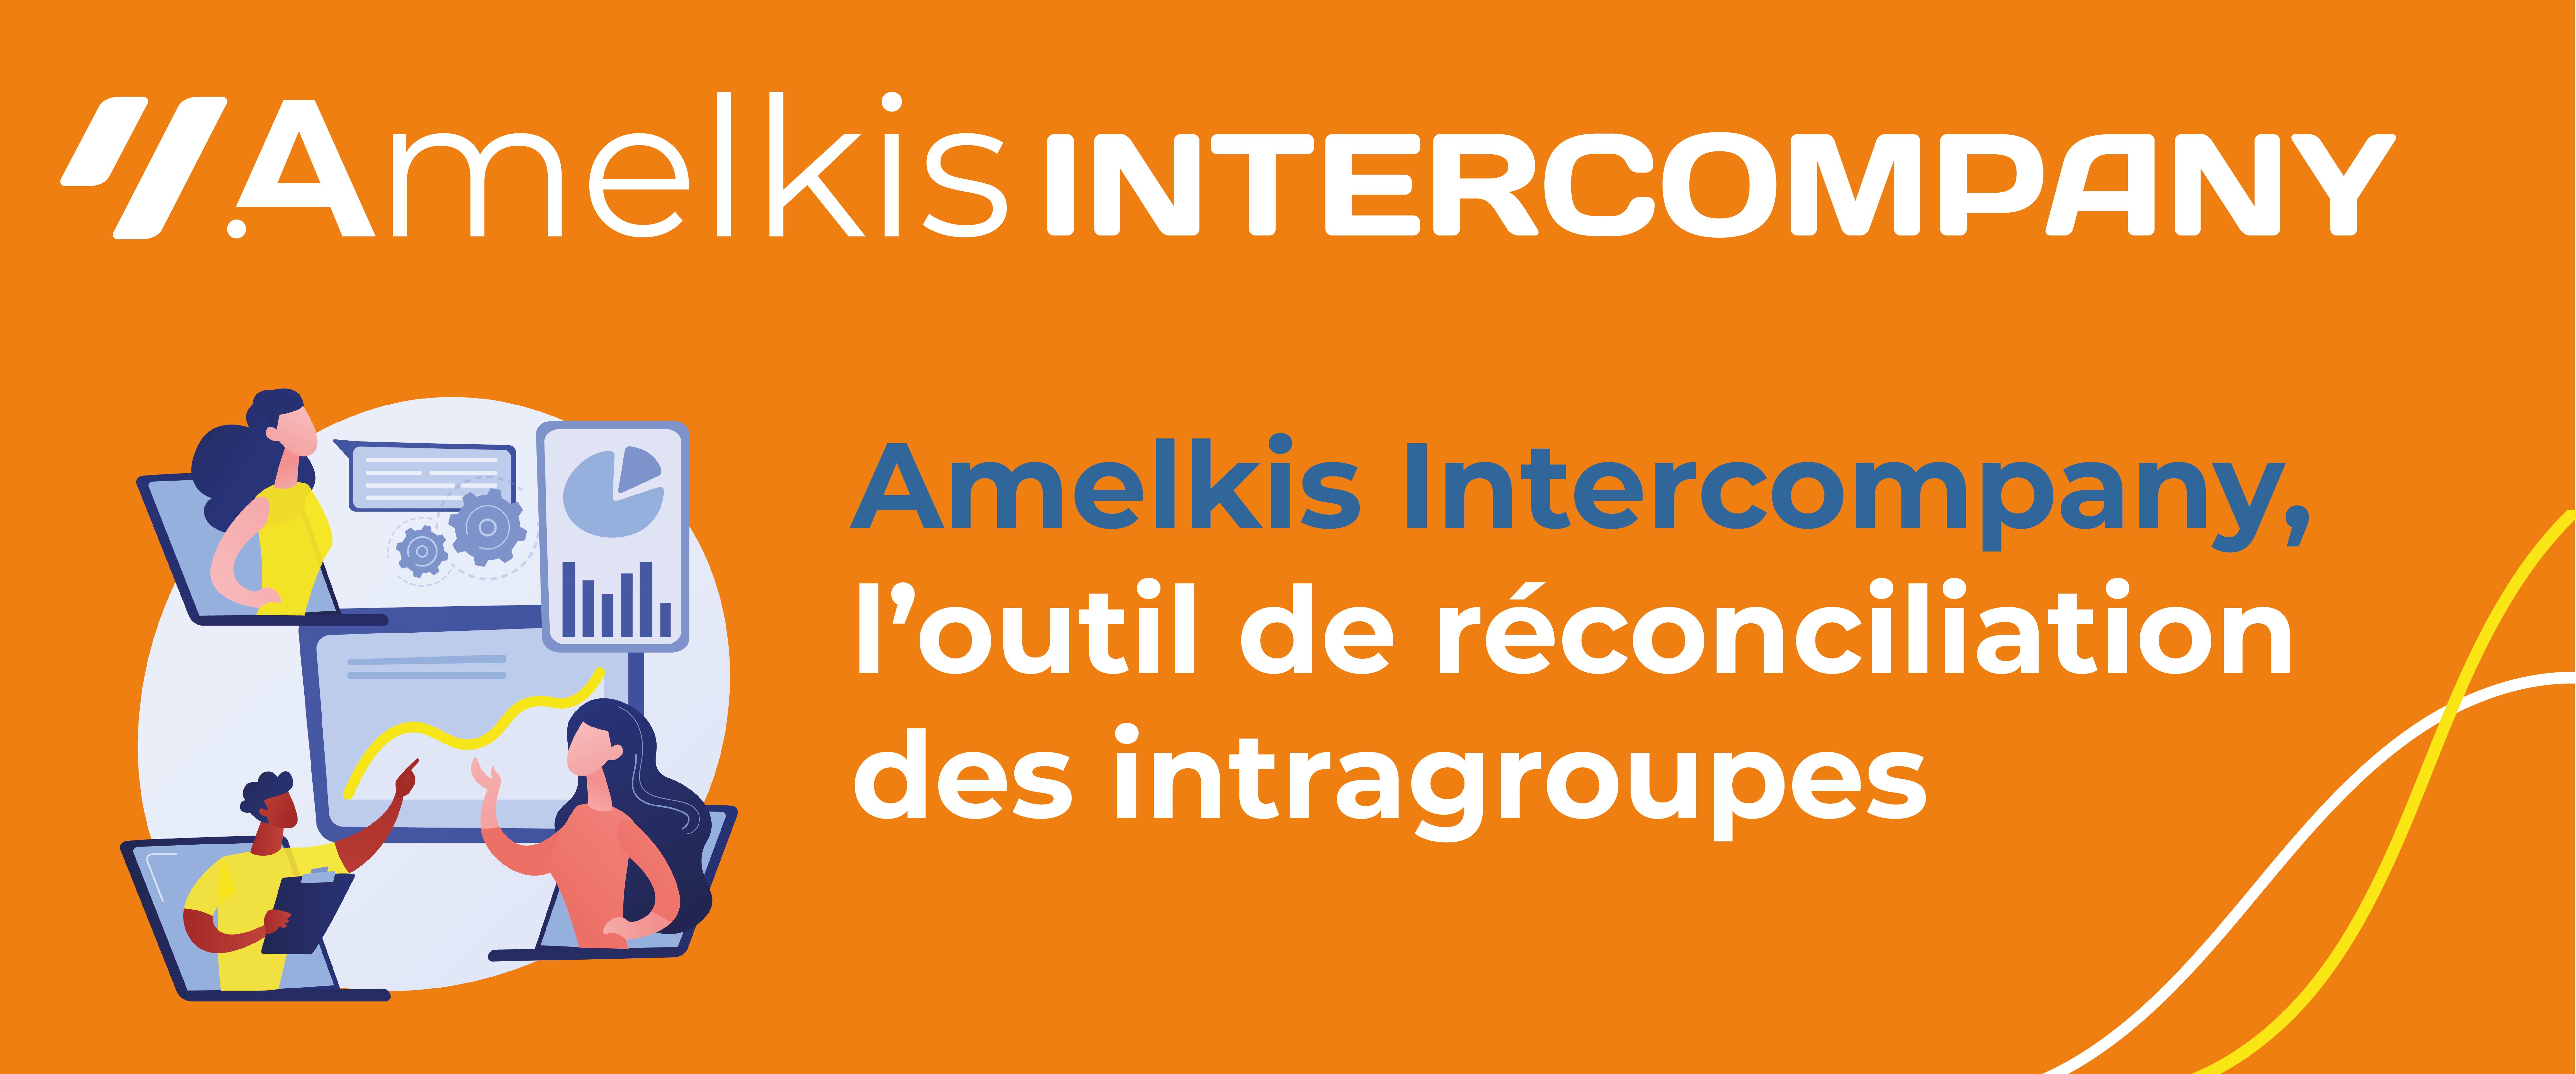 Amelkis InterCompany, l'outil de réconciliation des intragroupes